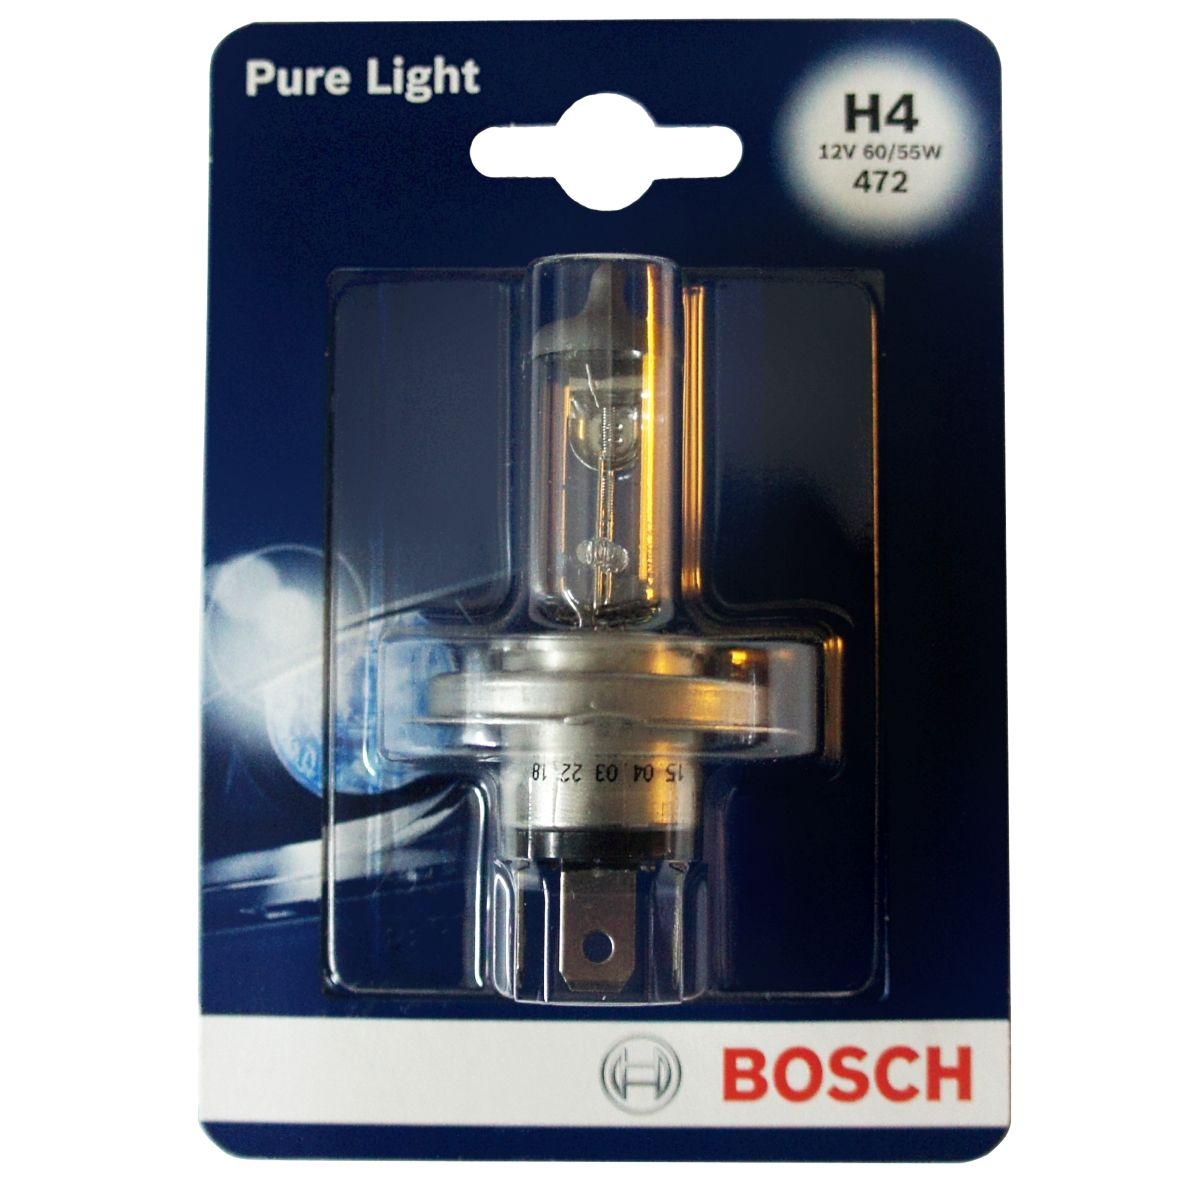 Лампа Bosch 60/55Вт H4 19873010011987301001Новые лампы Bosch для галогенных фар освещают дорогу интенсивным белым светом, который очень близок по свойствам к дневному освещению.Благодаря этому глаза водителя не теряют фокусировки и меньше устают даже во время долгих поездок в темное время суток. Новые лампы отличаются высокой яркостью и могут давать до 50% больше света, чем стандартные галогенные фары. Лампы Bosch доступны в вариантах H1, H4 и H7. Серебряное покрытие ламп H4 и H7 делает их едва заметными за стеклами выключенных фар. Новые лампы выглядят наиболее эффектно в сочетании с фарами из прозрачного стекла и подчеркивают современный дизайн автомобилей. Увеличенная яркость и дальность освещения положительно сказывается на безопасности движения. В темное время суток или в сложных погодных условиях, таких как ливень или густой туман, водитель замечает опасную ситуацию намного раньше и на большем расстоянии, при этом лучше заметен и сам автомобиль с фарами Bosch. Напряжение: 12 вольт